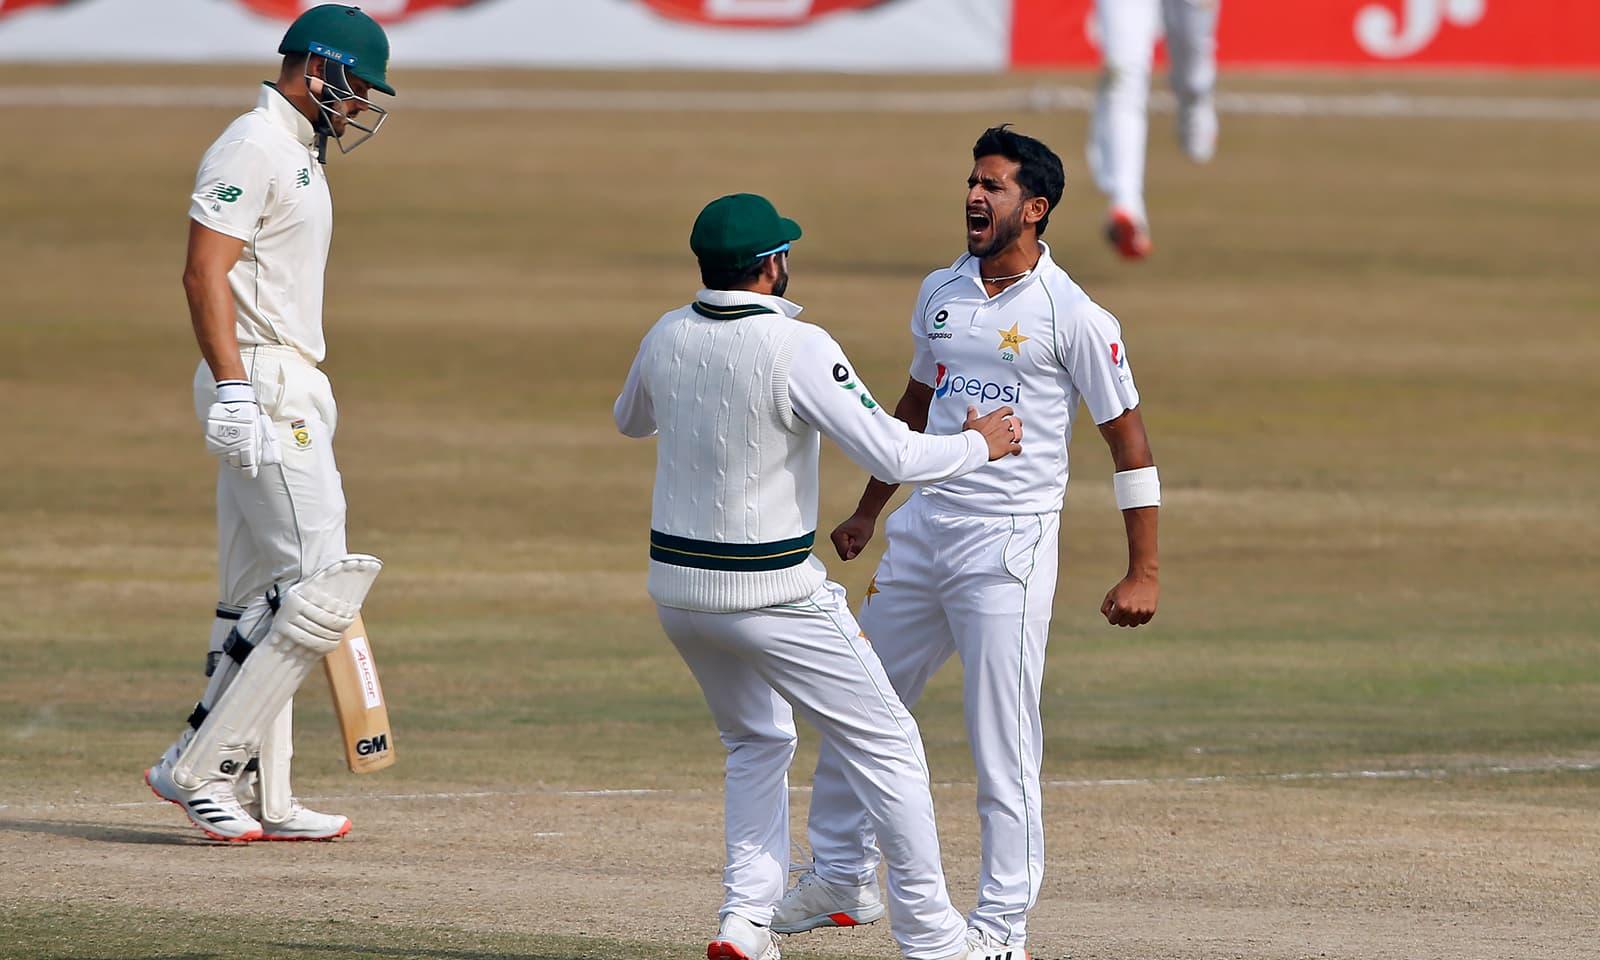 حسن علی نے دونوں اننگز میں پانچ، پانچ وکٹوں سمیت میچ میں 10 وکٹیں حاصل کیں— فوٹو: اے ایف پی